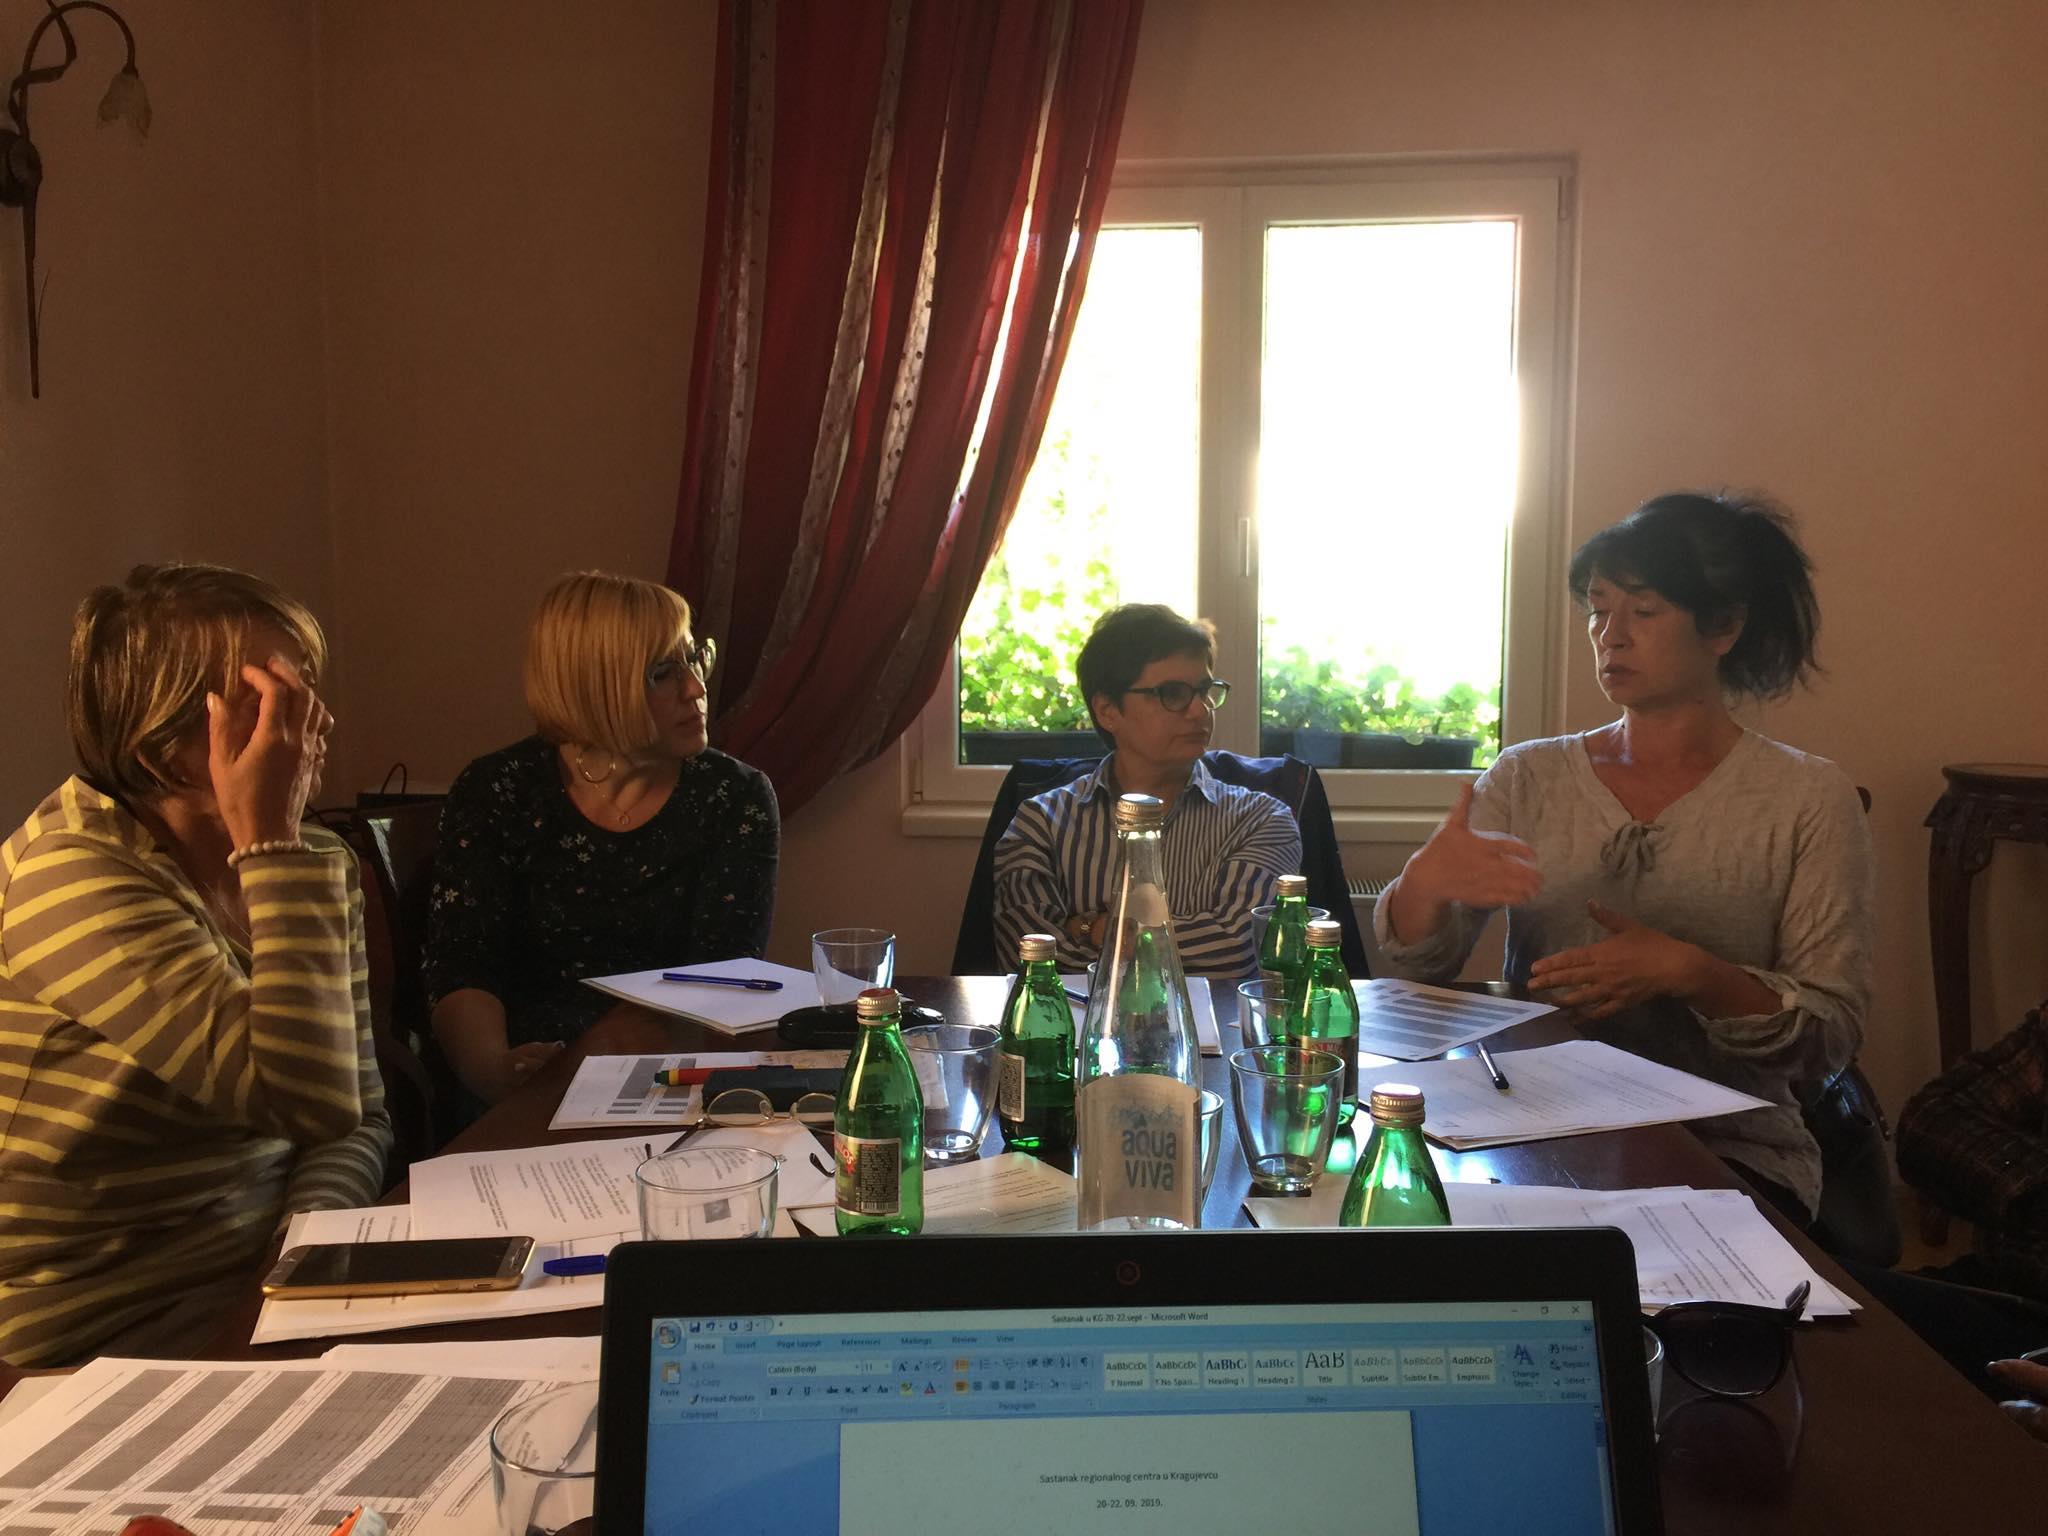 Udruzenje zena Pescanik - Sastanak regionalnog centra u Kragujevcu